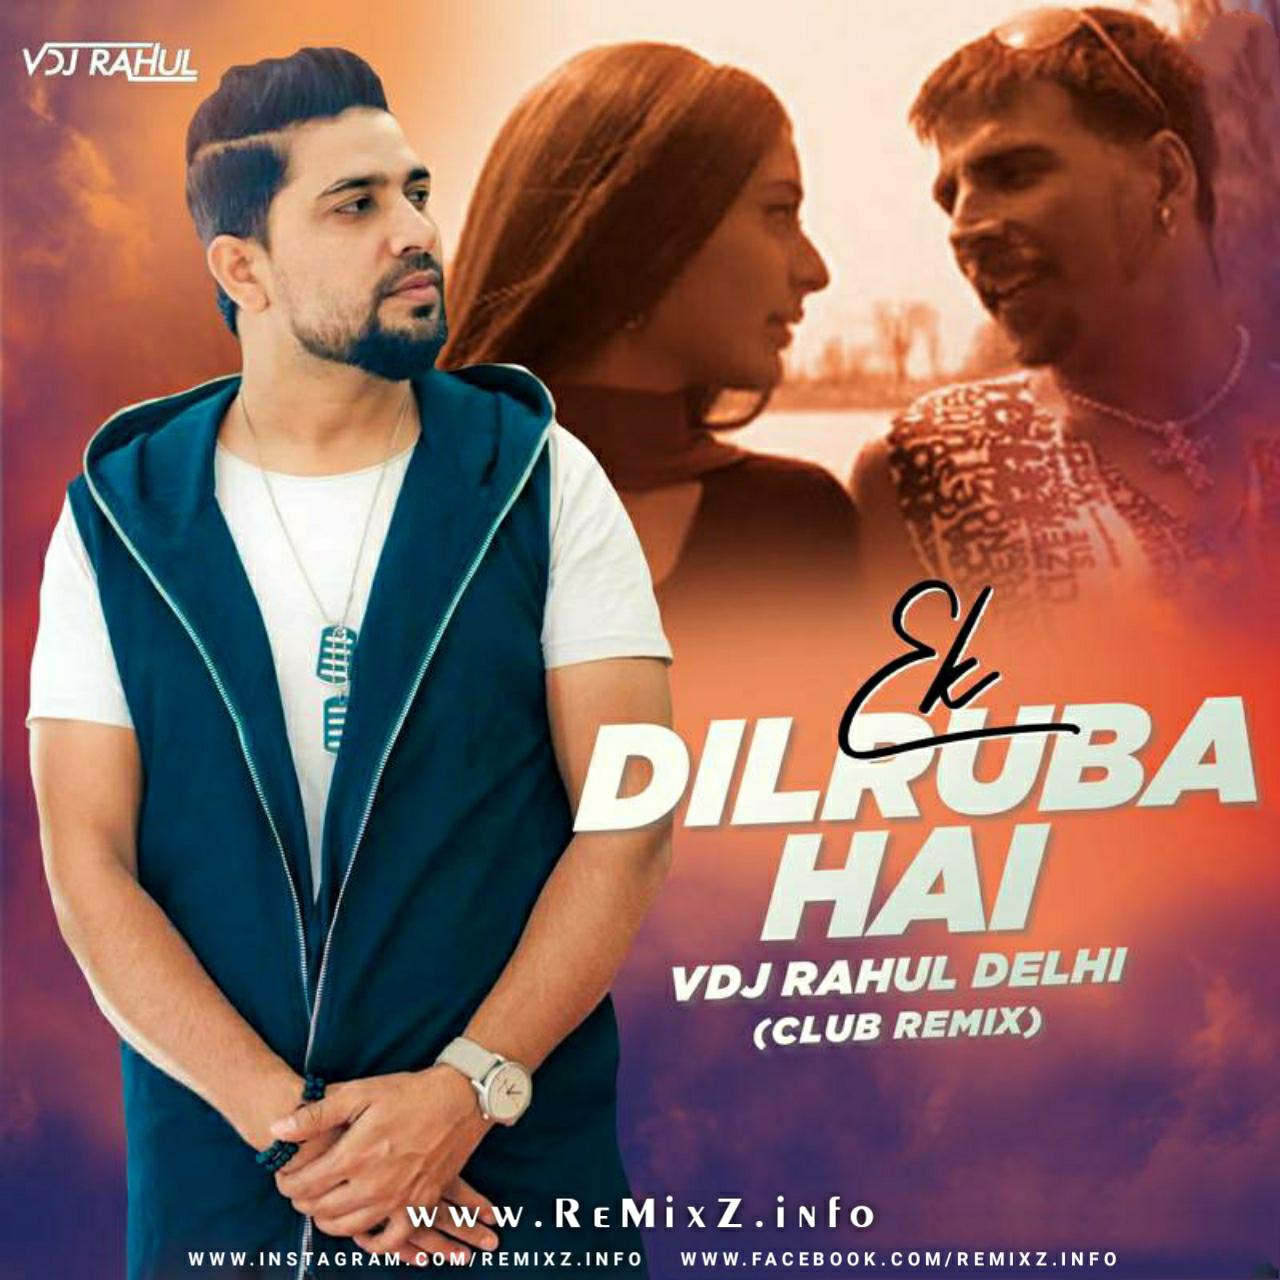 ek-dilruba-hai-club-remix-vdj-rahul.jpg